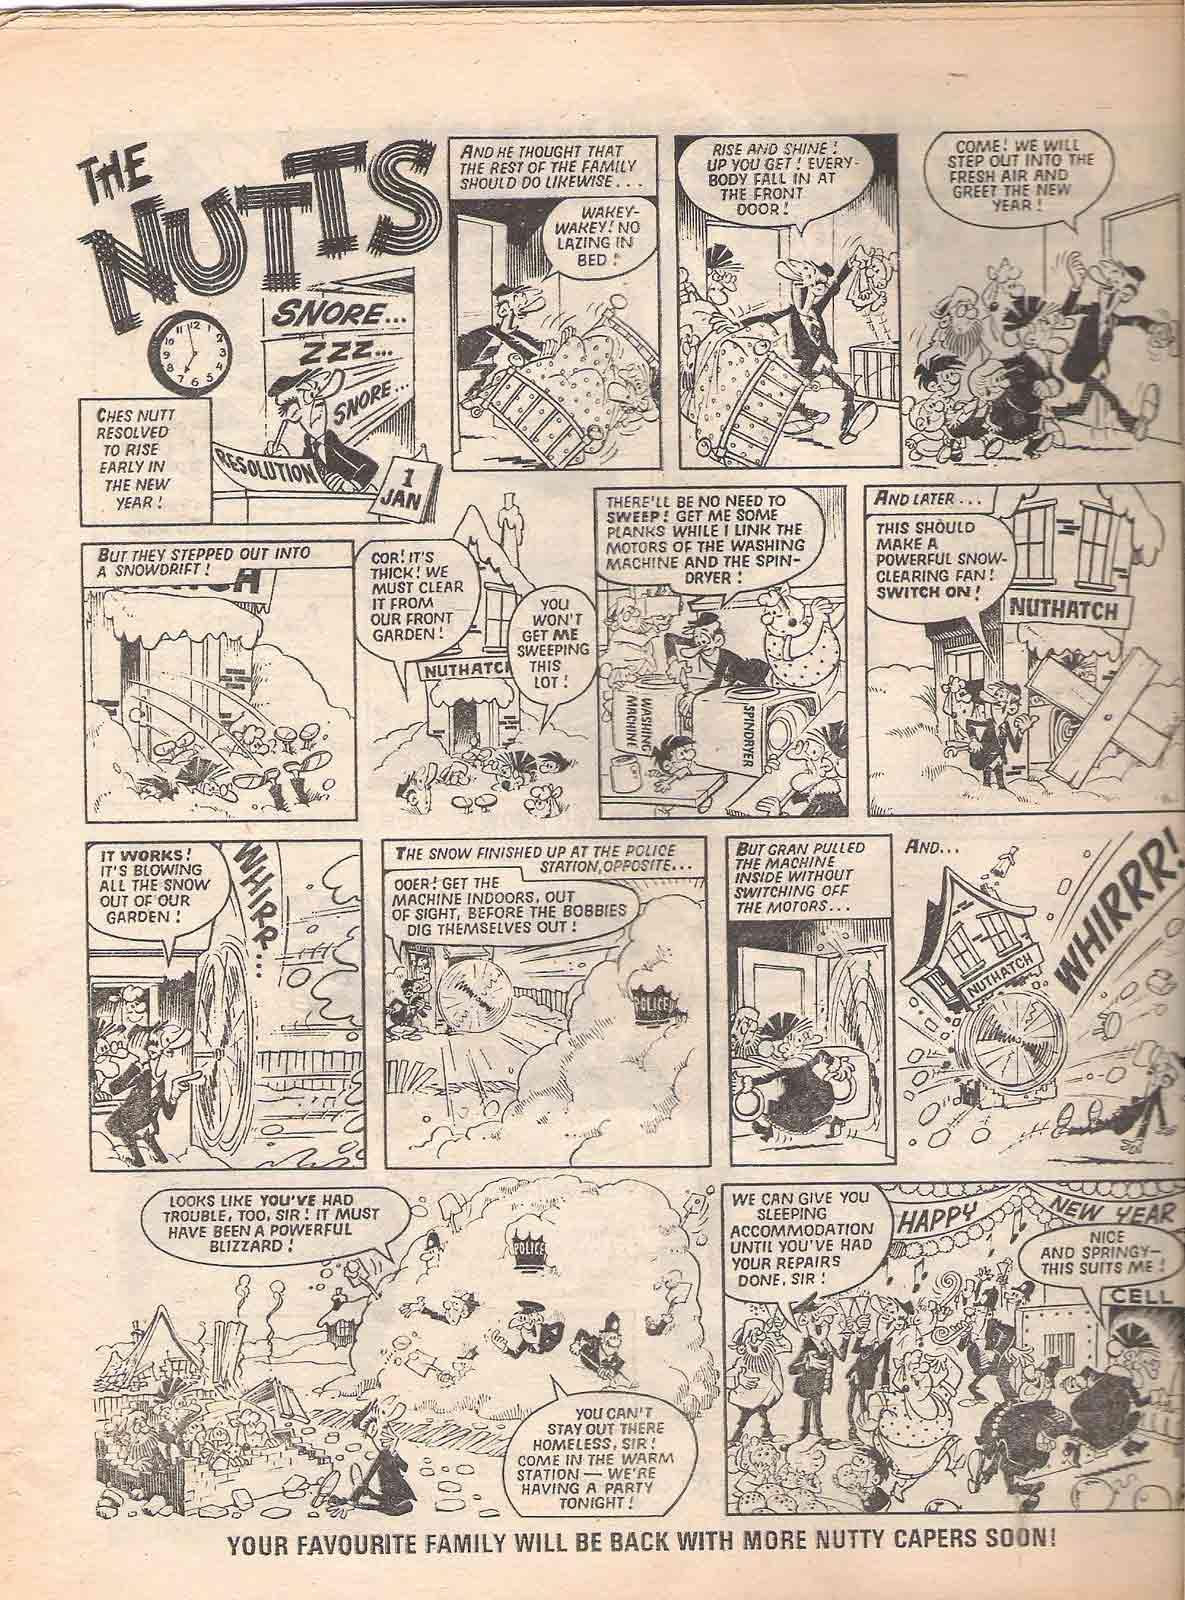 The Nutts página dibujada por Nadal para la revista Buster